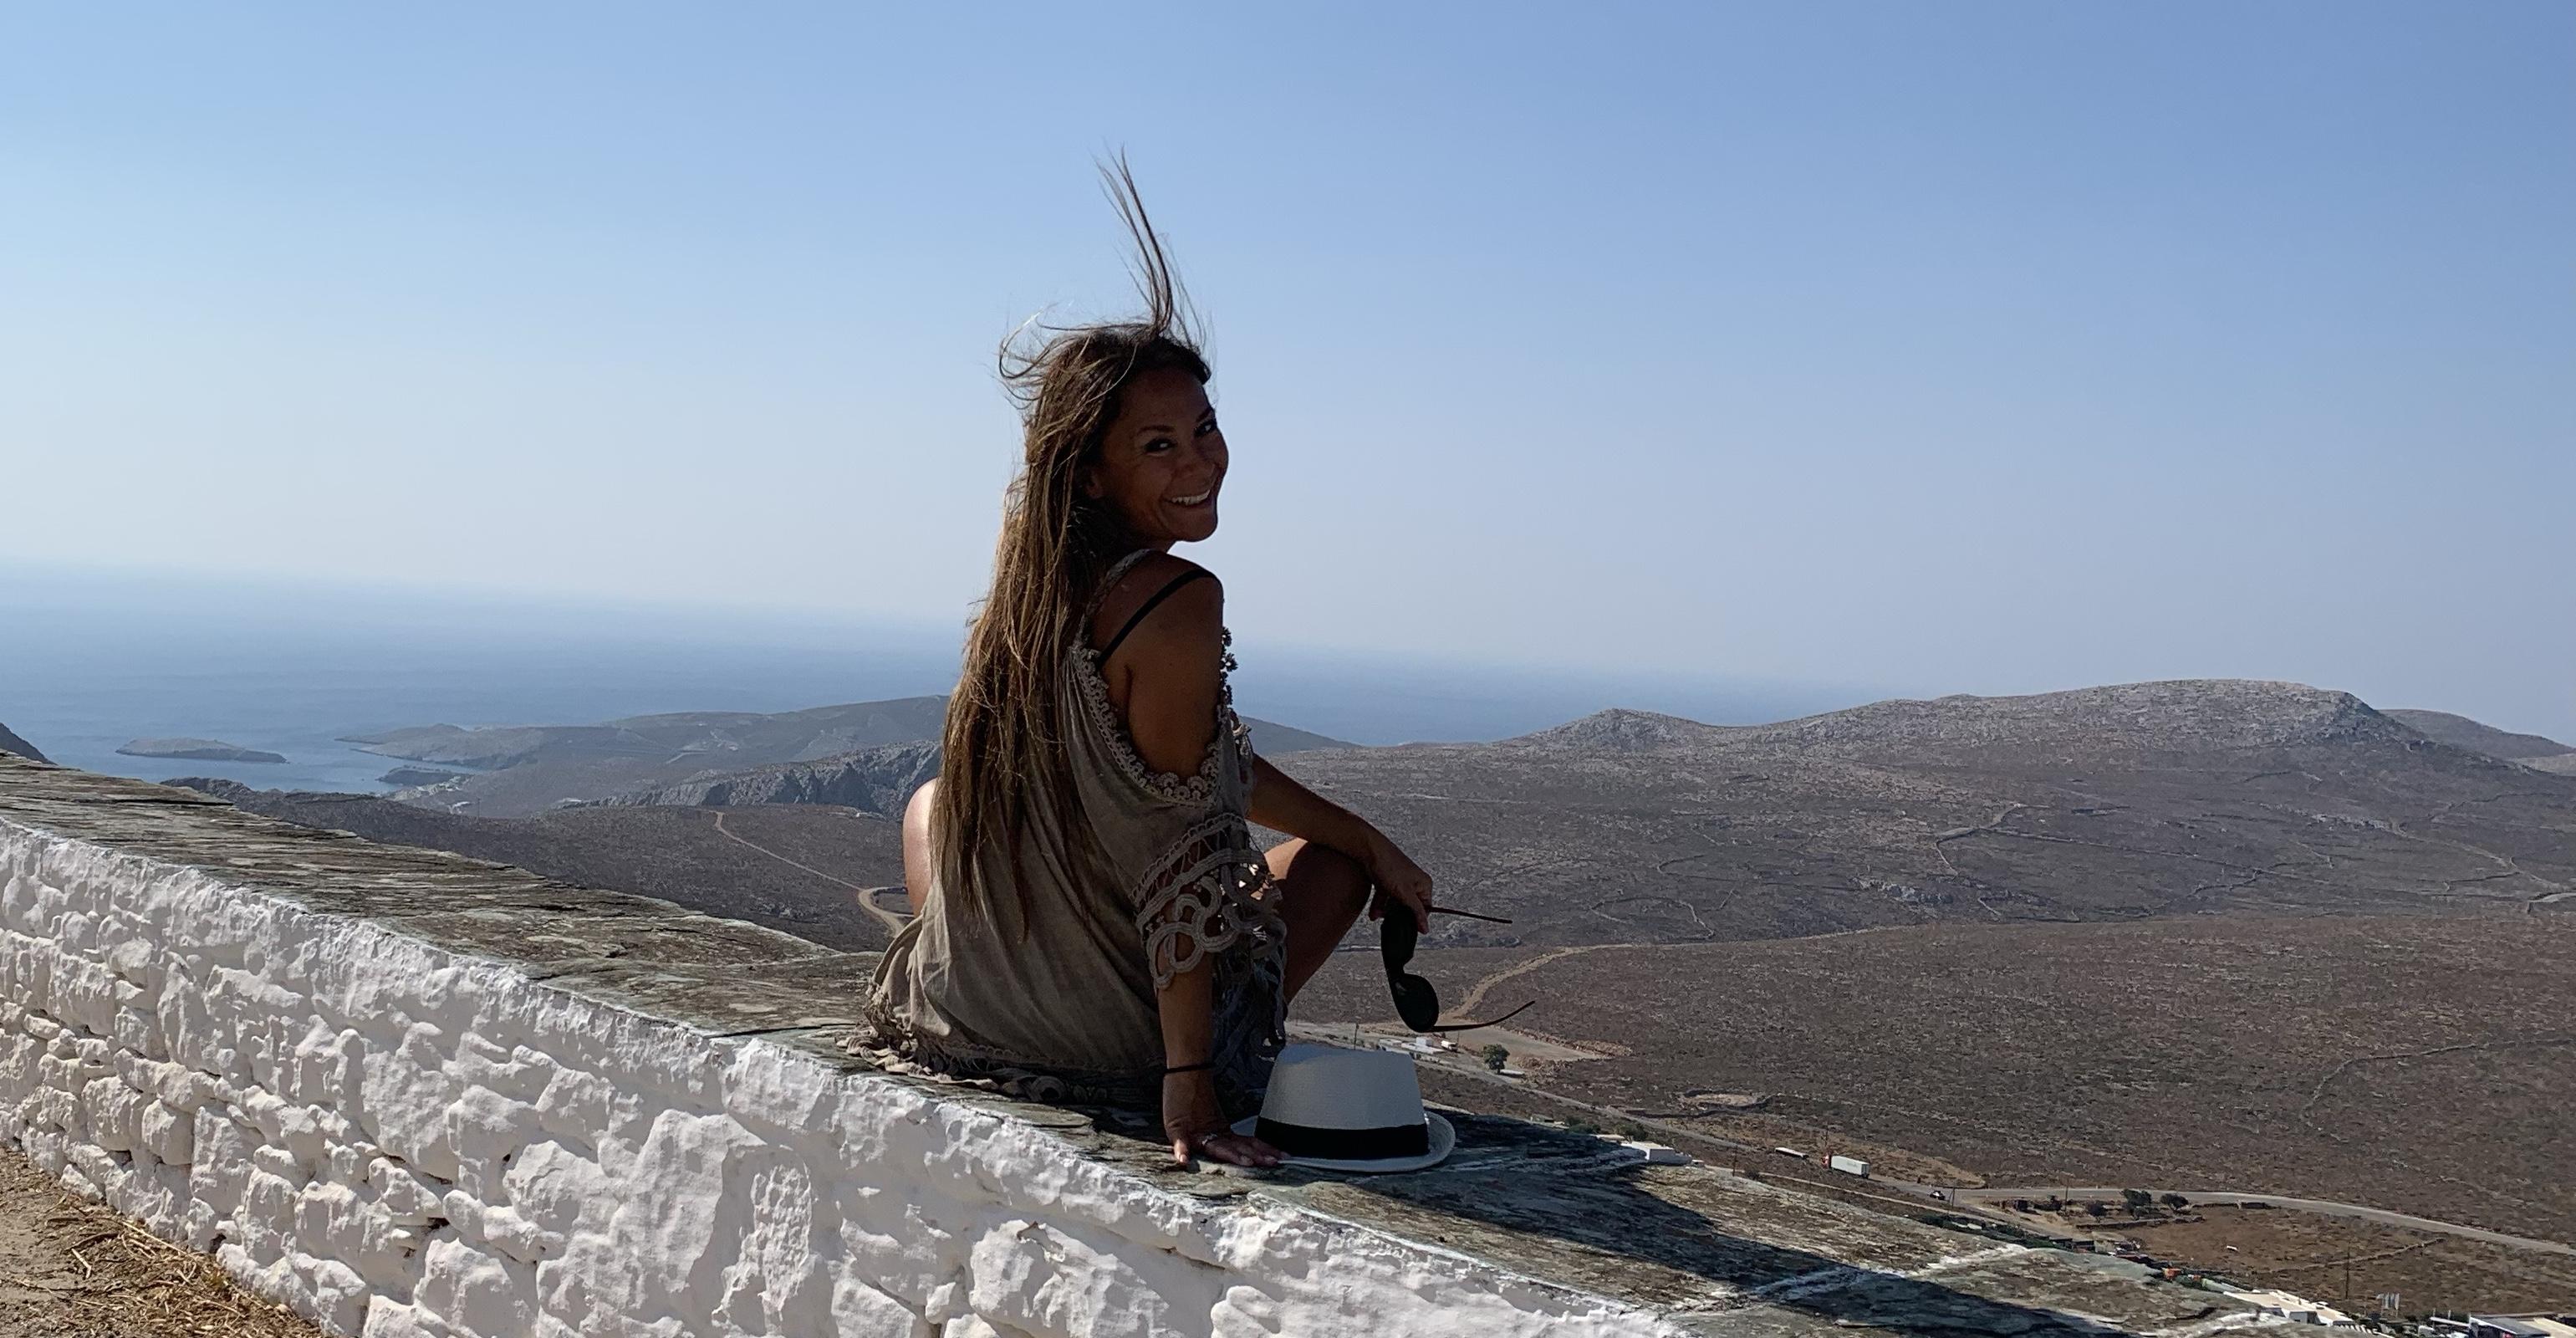 På et av de stedene på kloden jeg er mest glad i, Folegandros. Her klemmer jeg øye og horisonten.